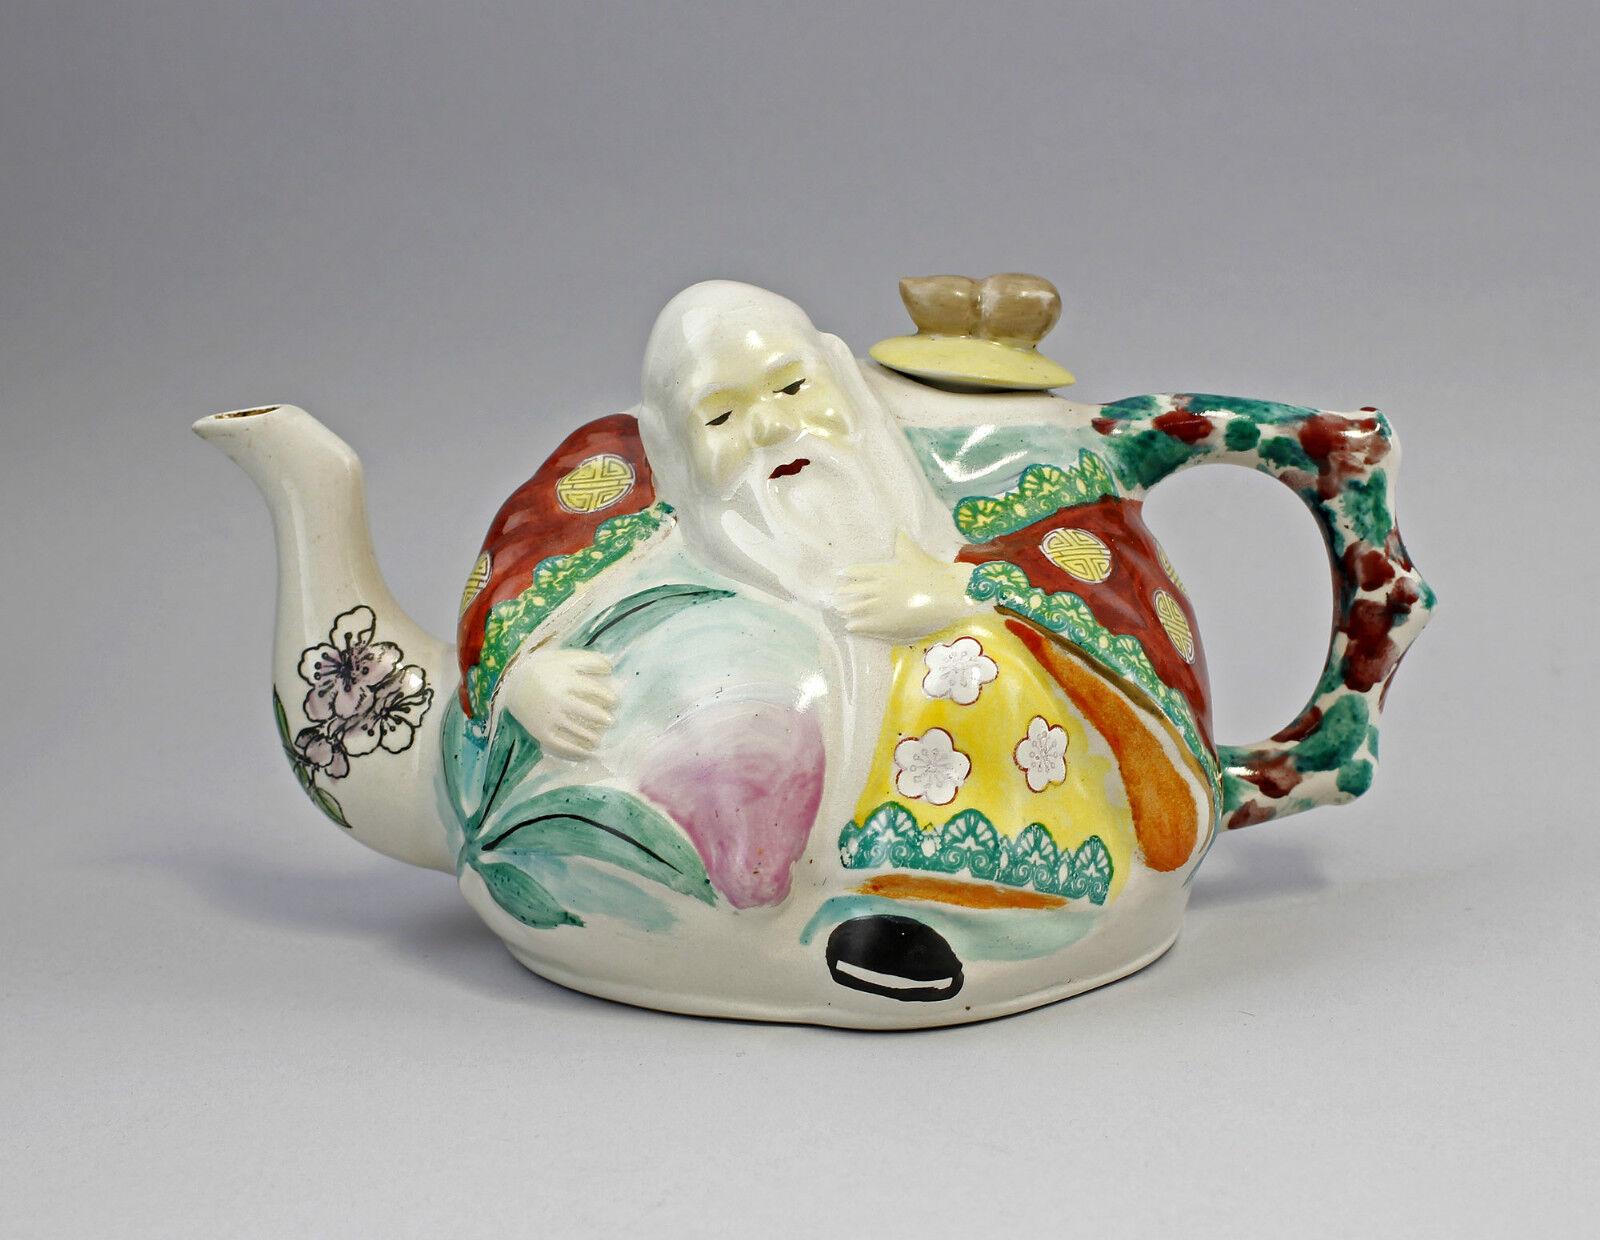 Figurative Brocca Monaco Ceramica Cina 20. Secolo 99839016